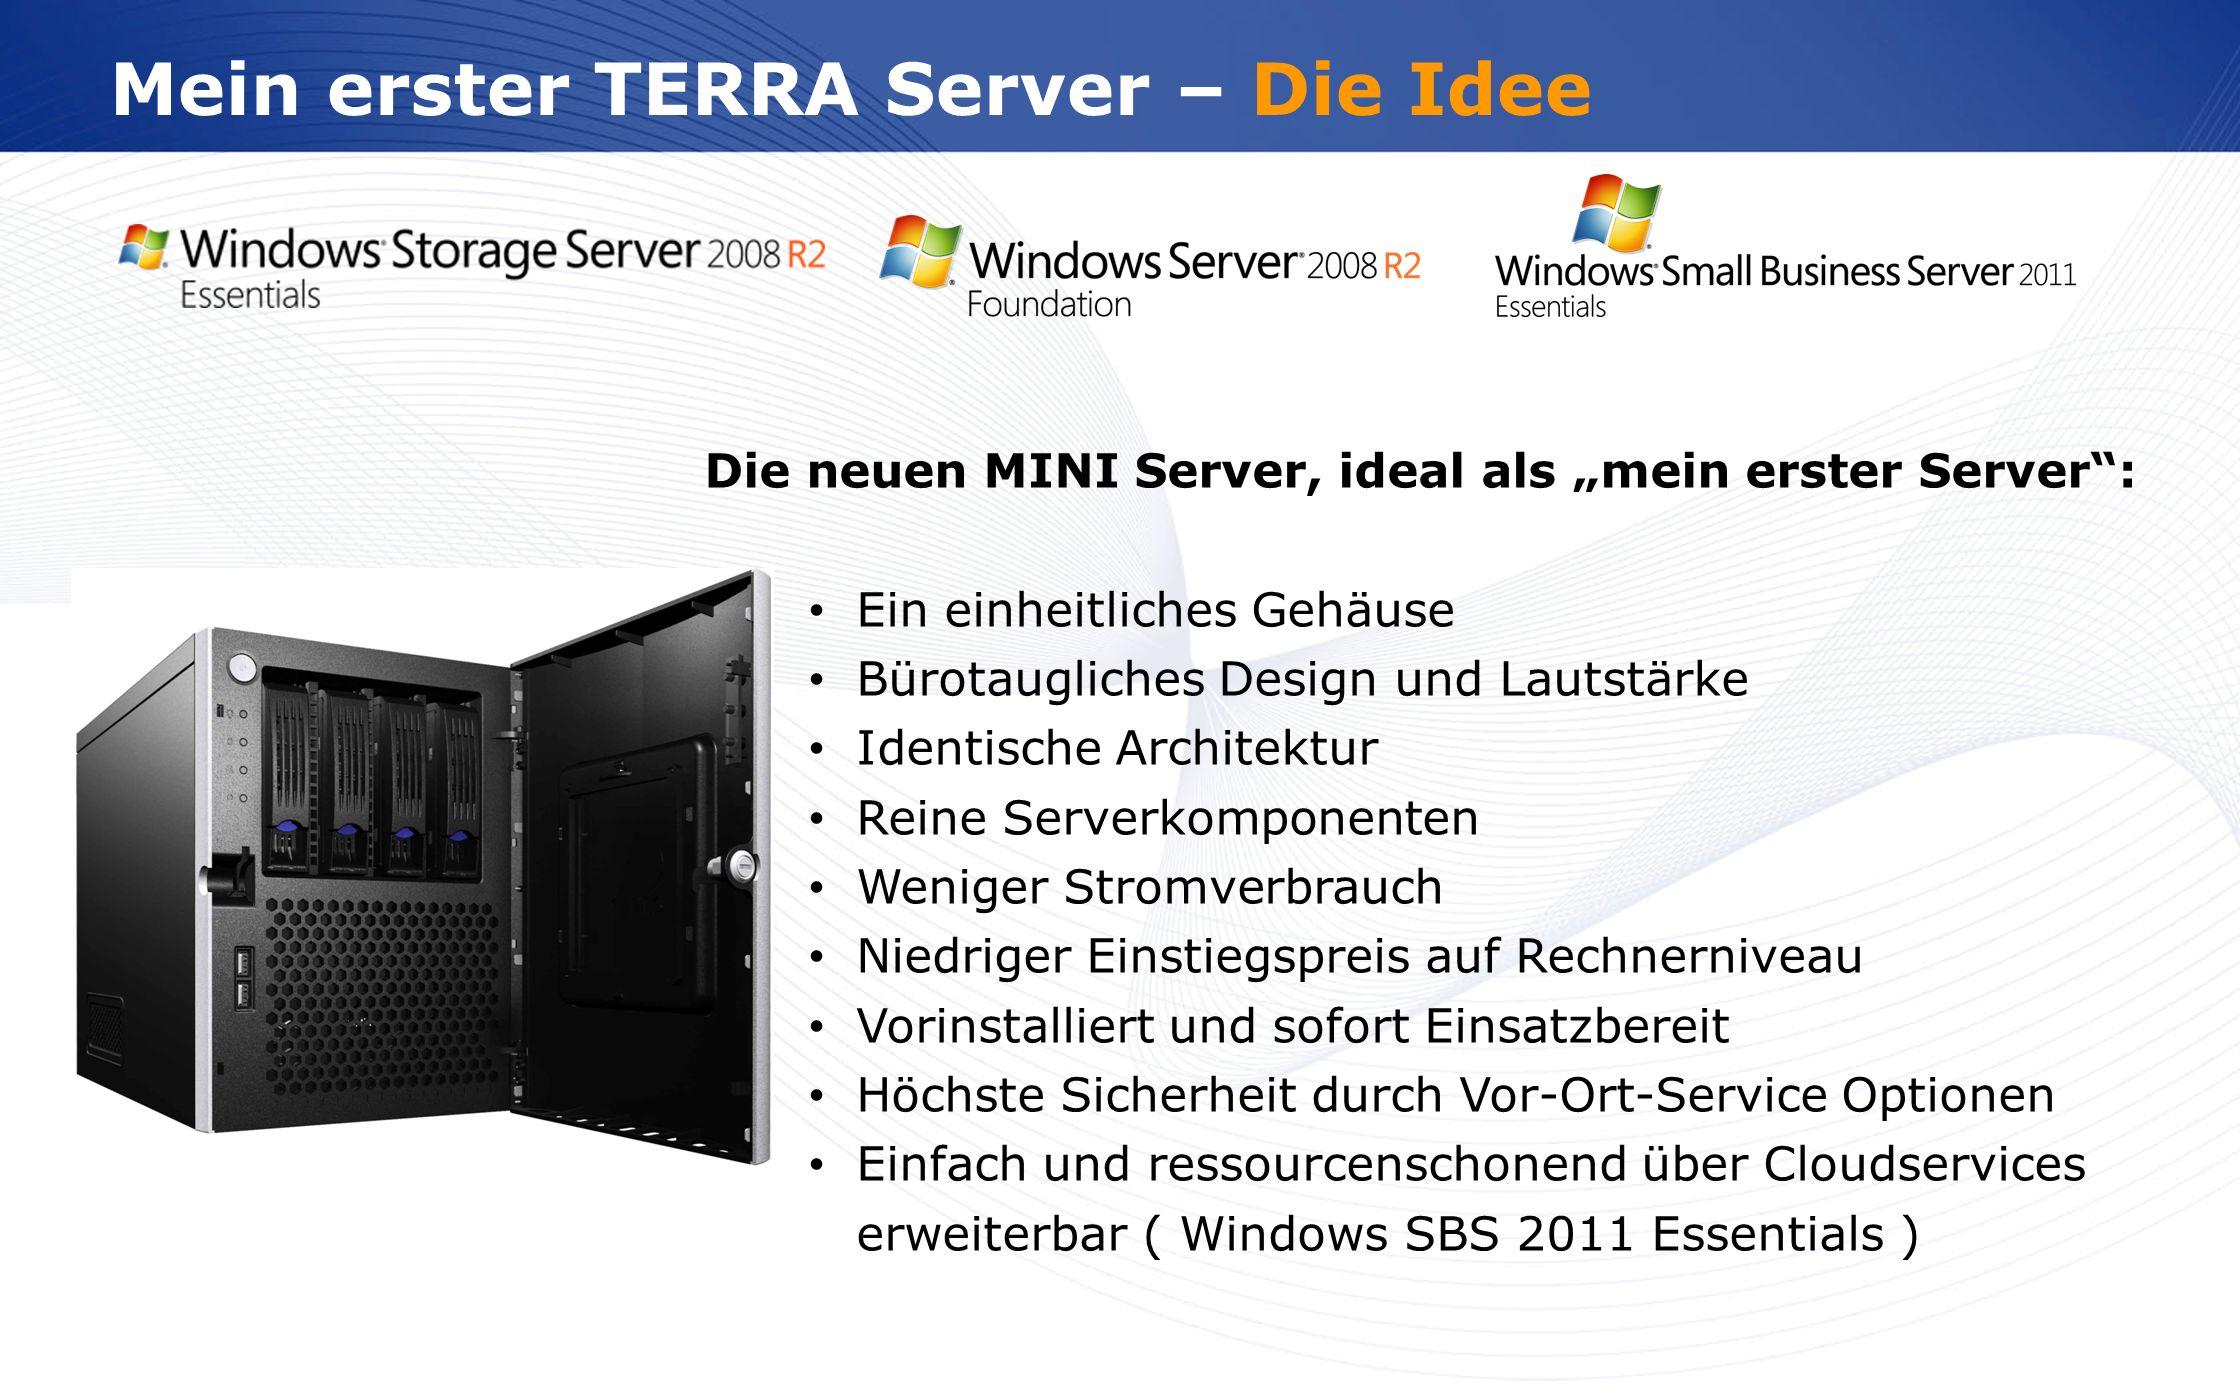 Mein erster TERRA Server – Die Idee